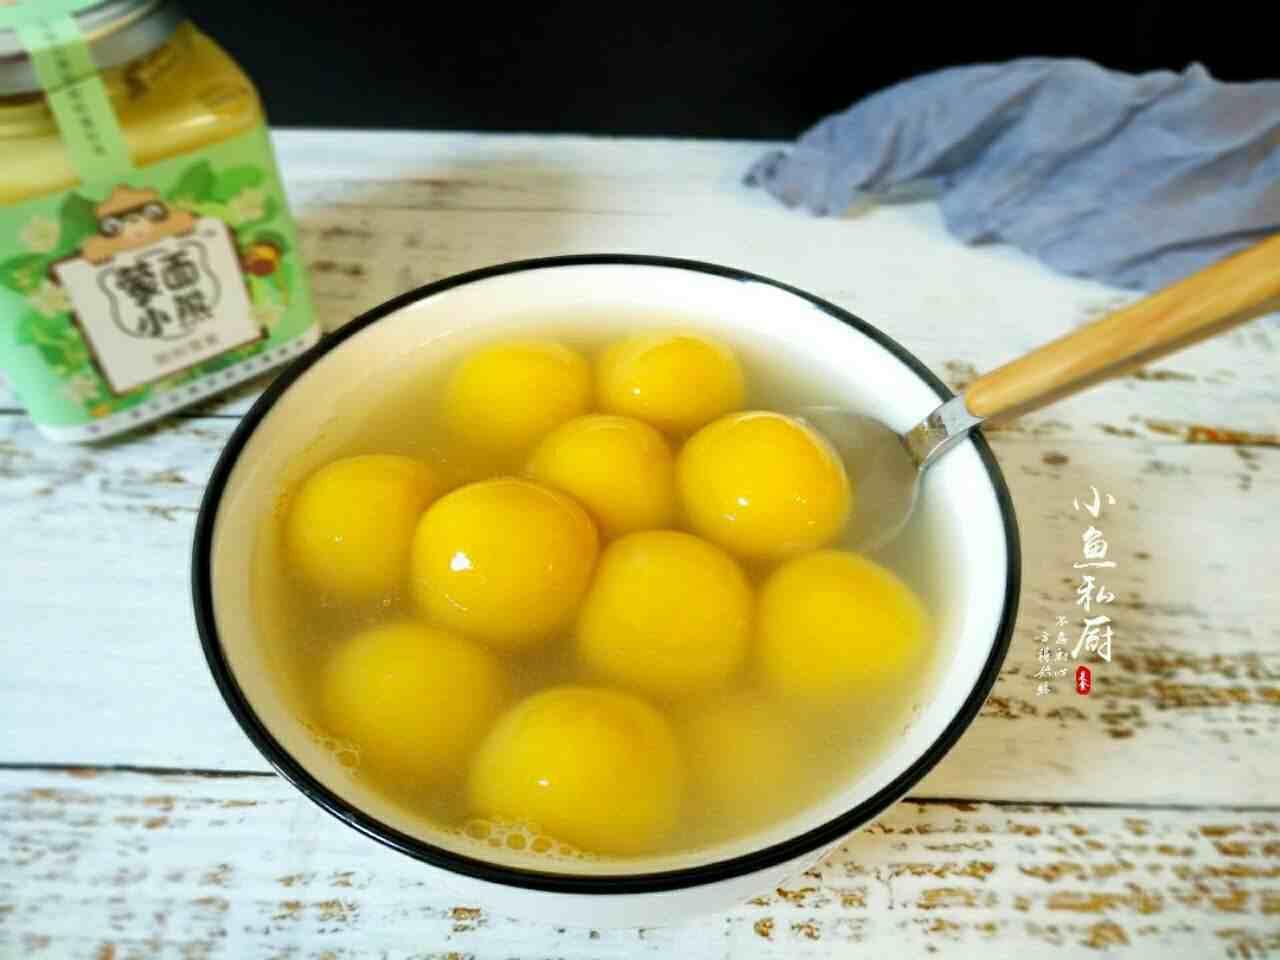 正月十五吃元宵,老传统别忘了,教你6种汤圆的做法,好吃又好做